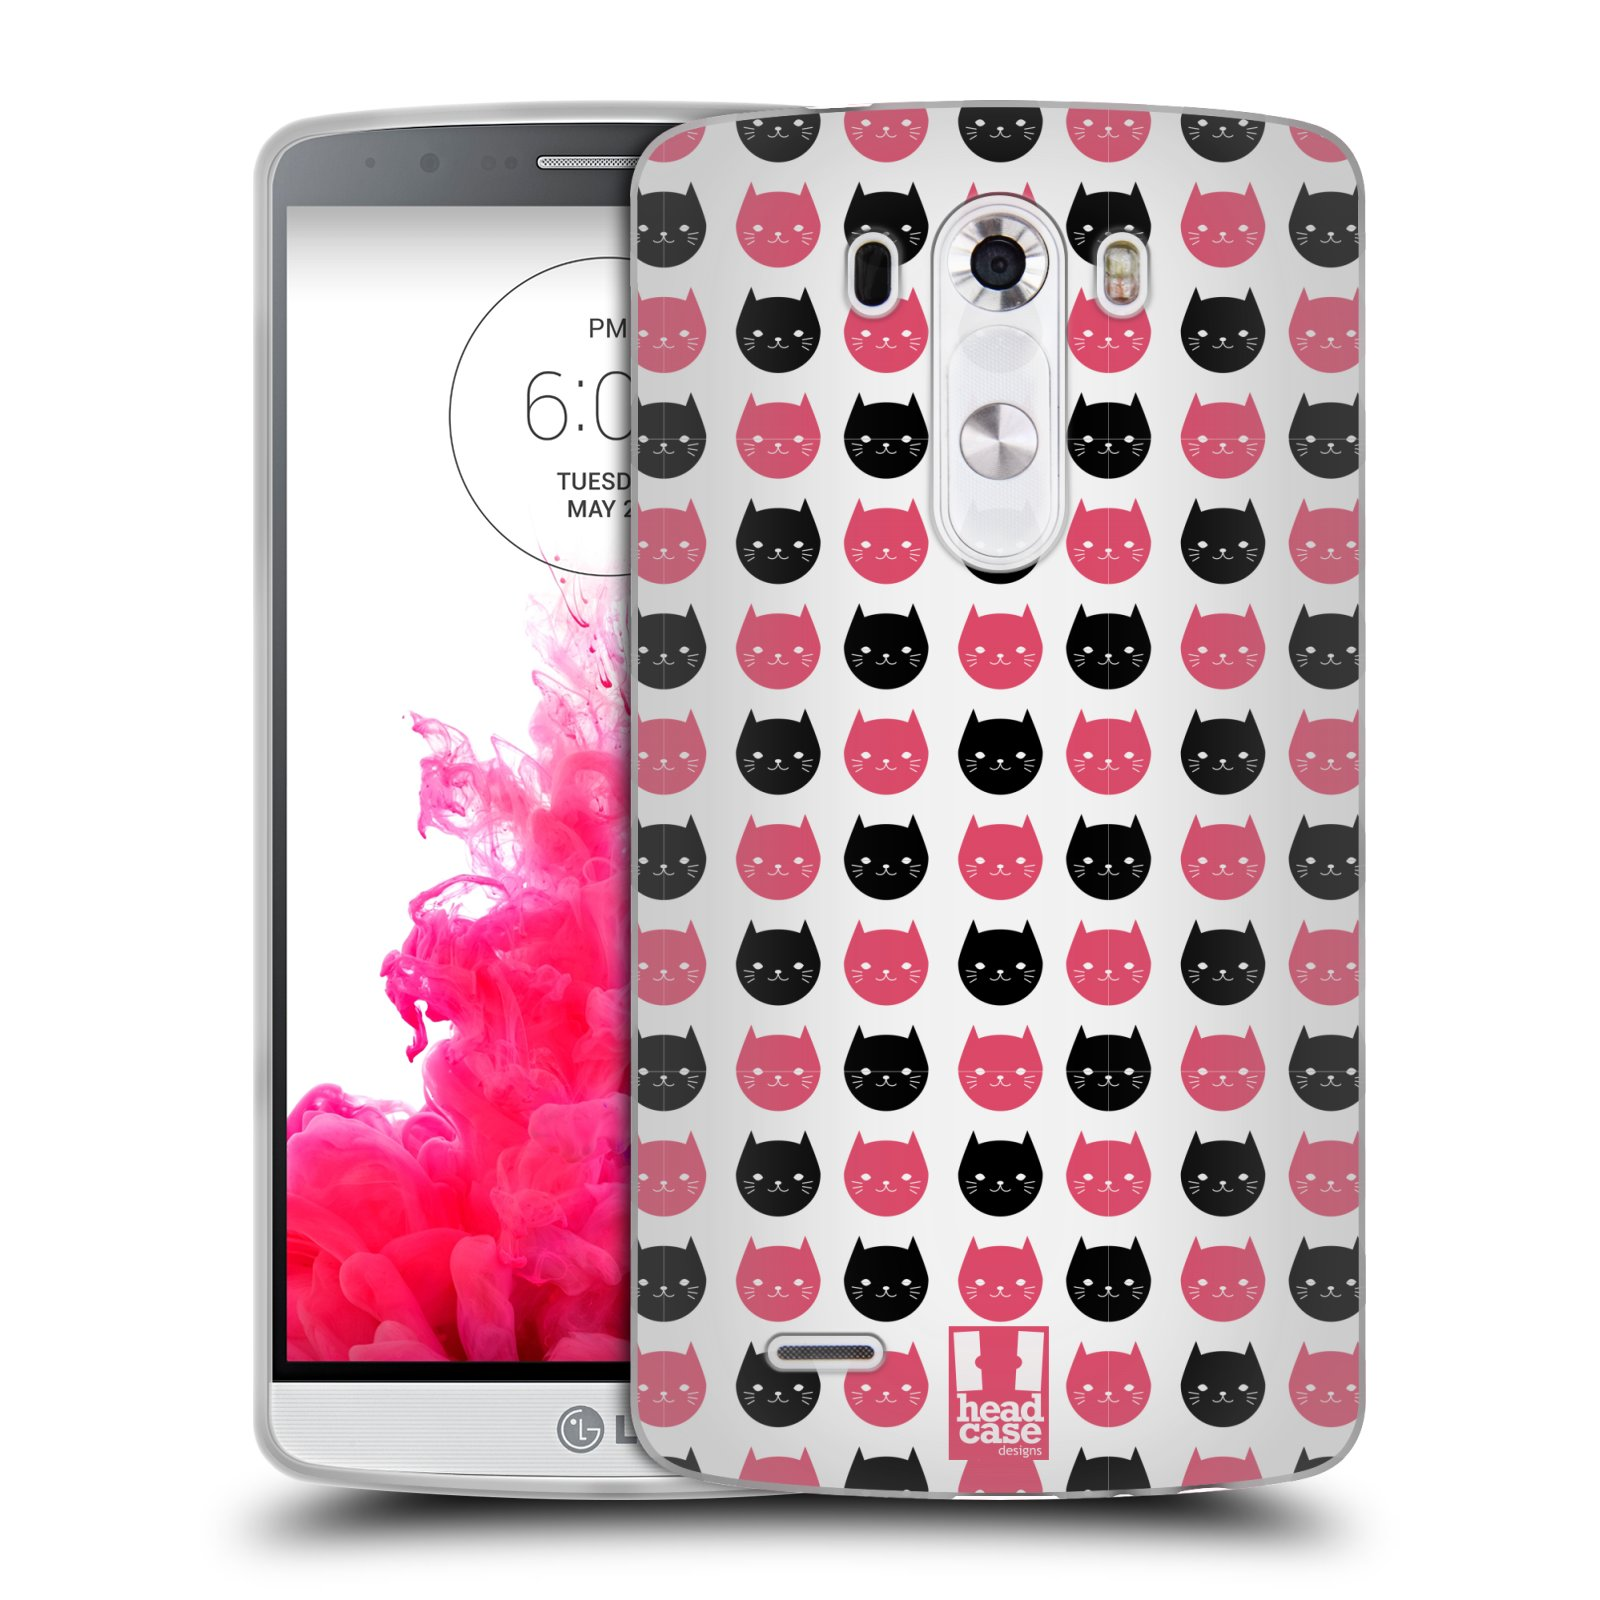 Silikonové pouzdro na mobil LG G3 HEAD CASE KOČKY Black and Pink (Silikonový kryt či obal na mobilní telefon LG G3 D855)